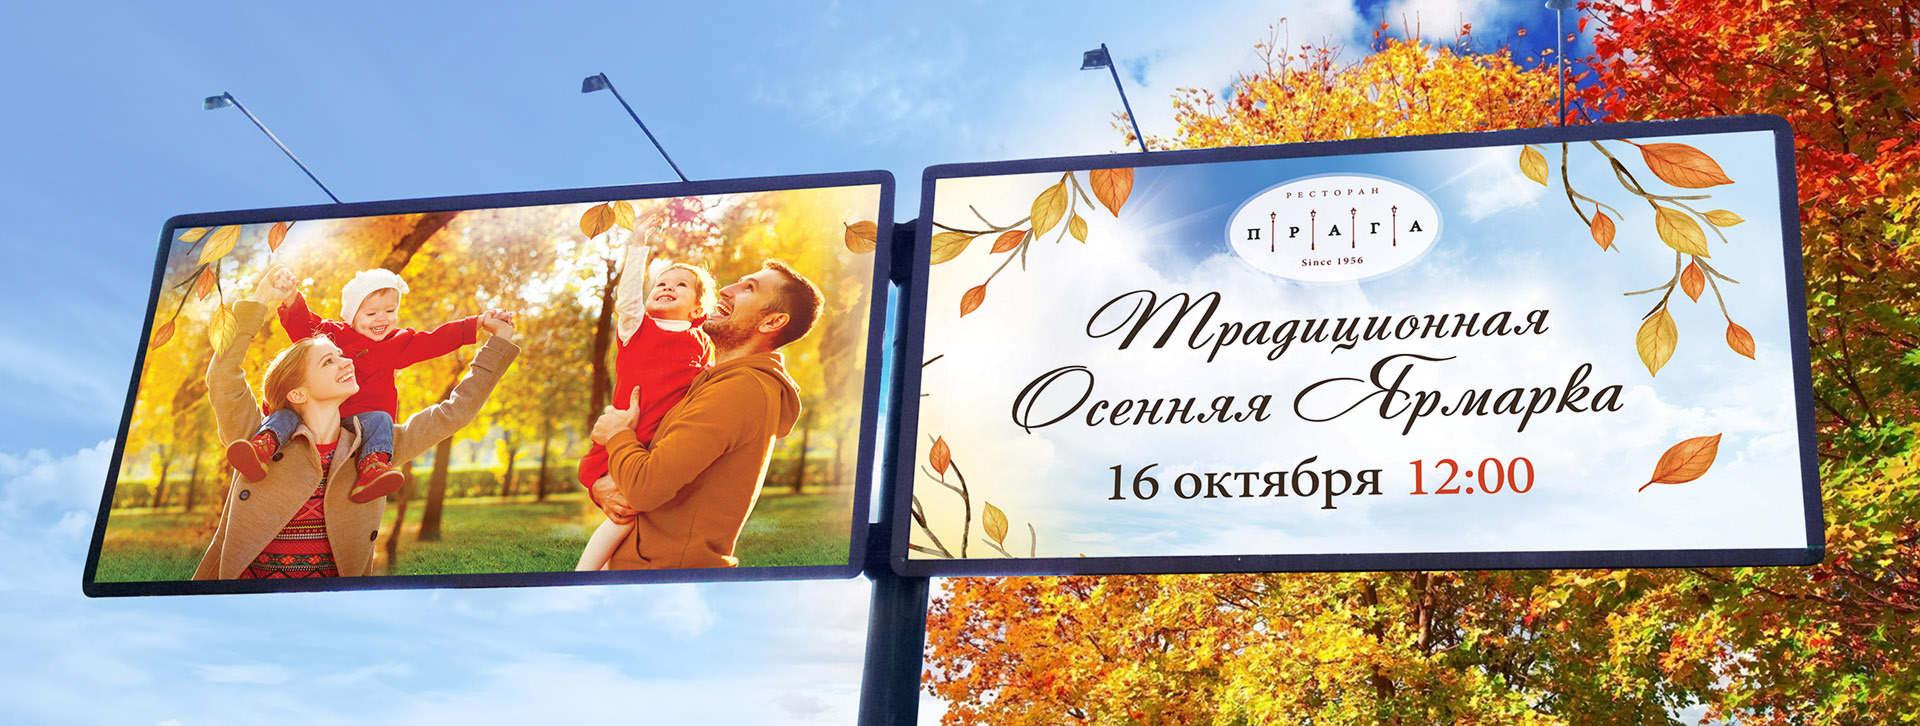 Билборд of the restaurant Прага Традиционная осенняя ярмарка